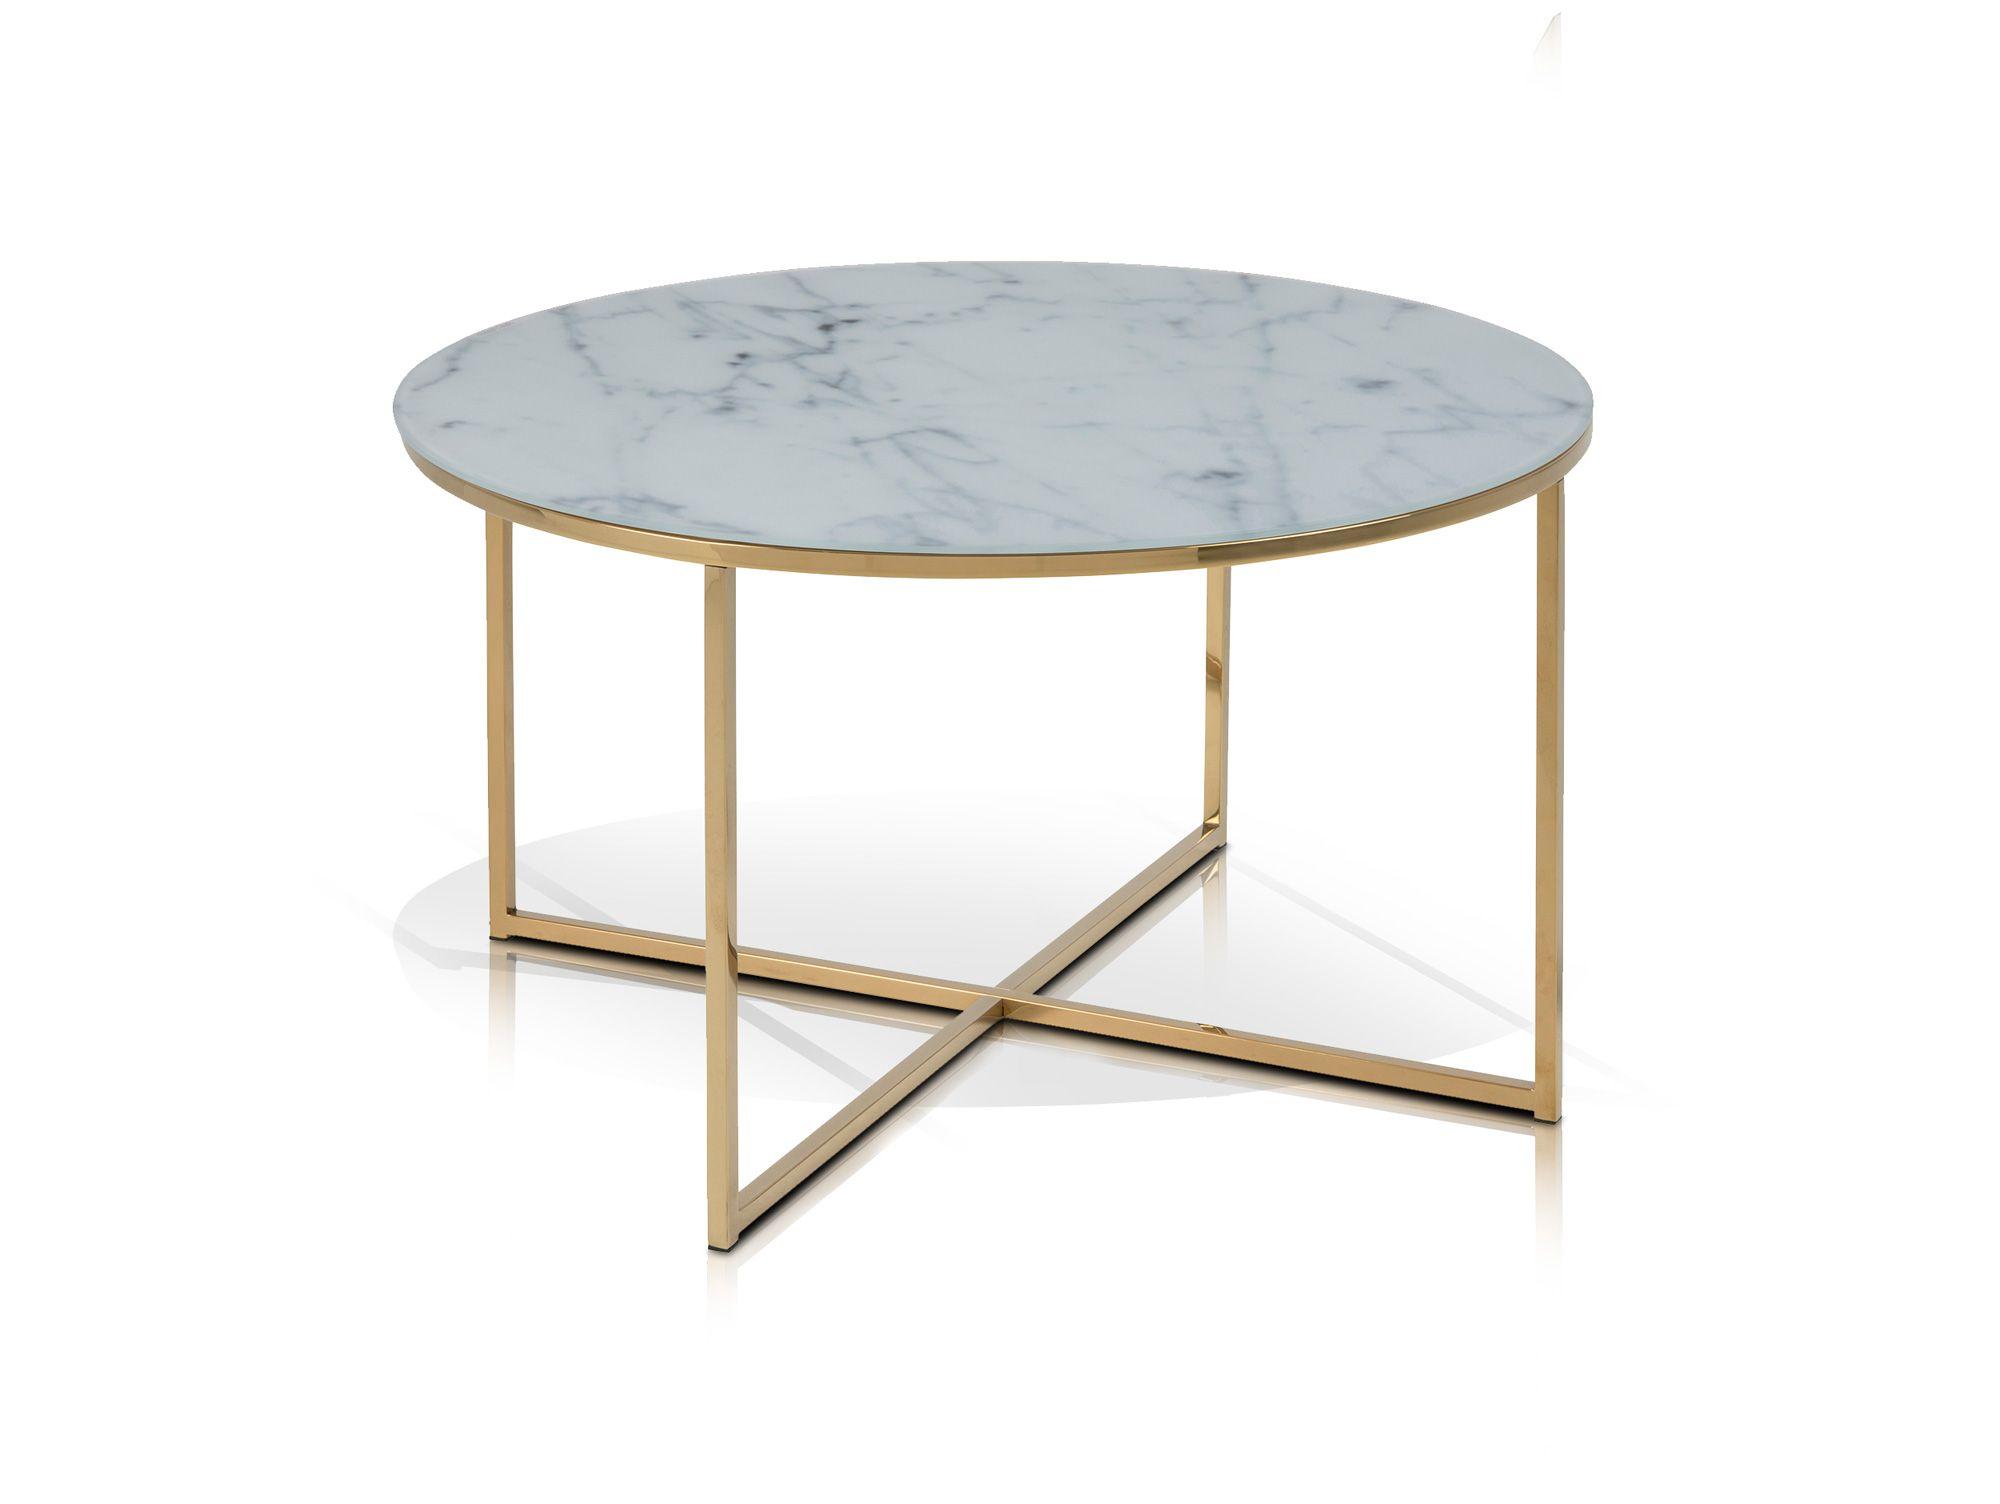 Aminda Couchtisch Rund 80 Cm Glasplatte Mit Marmorprint Gold Moderner Couchtisch In Toller Optik Wohnzimmer Couchtisch Modern Terrassentisch Couchtische